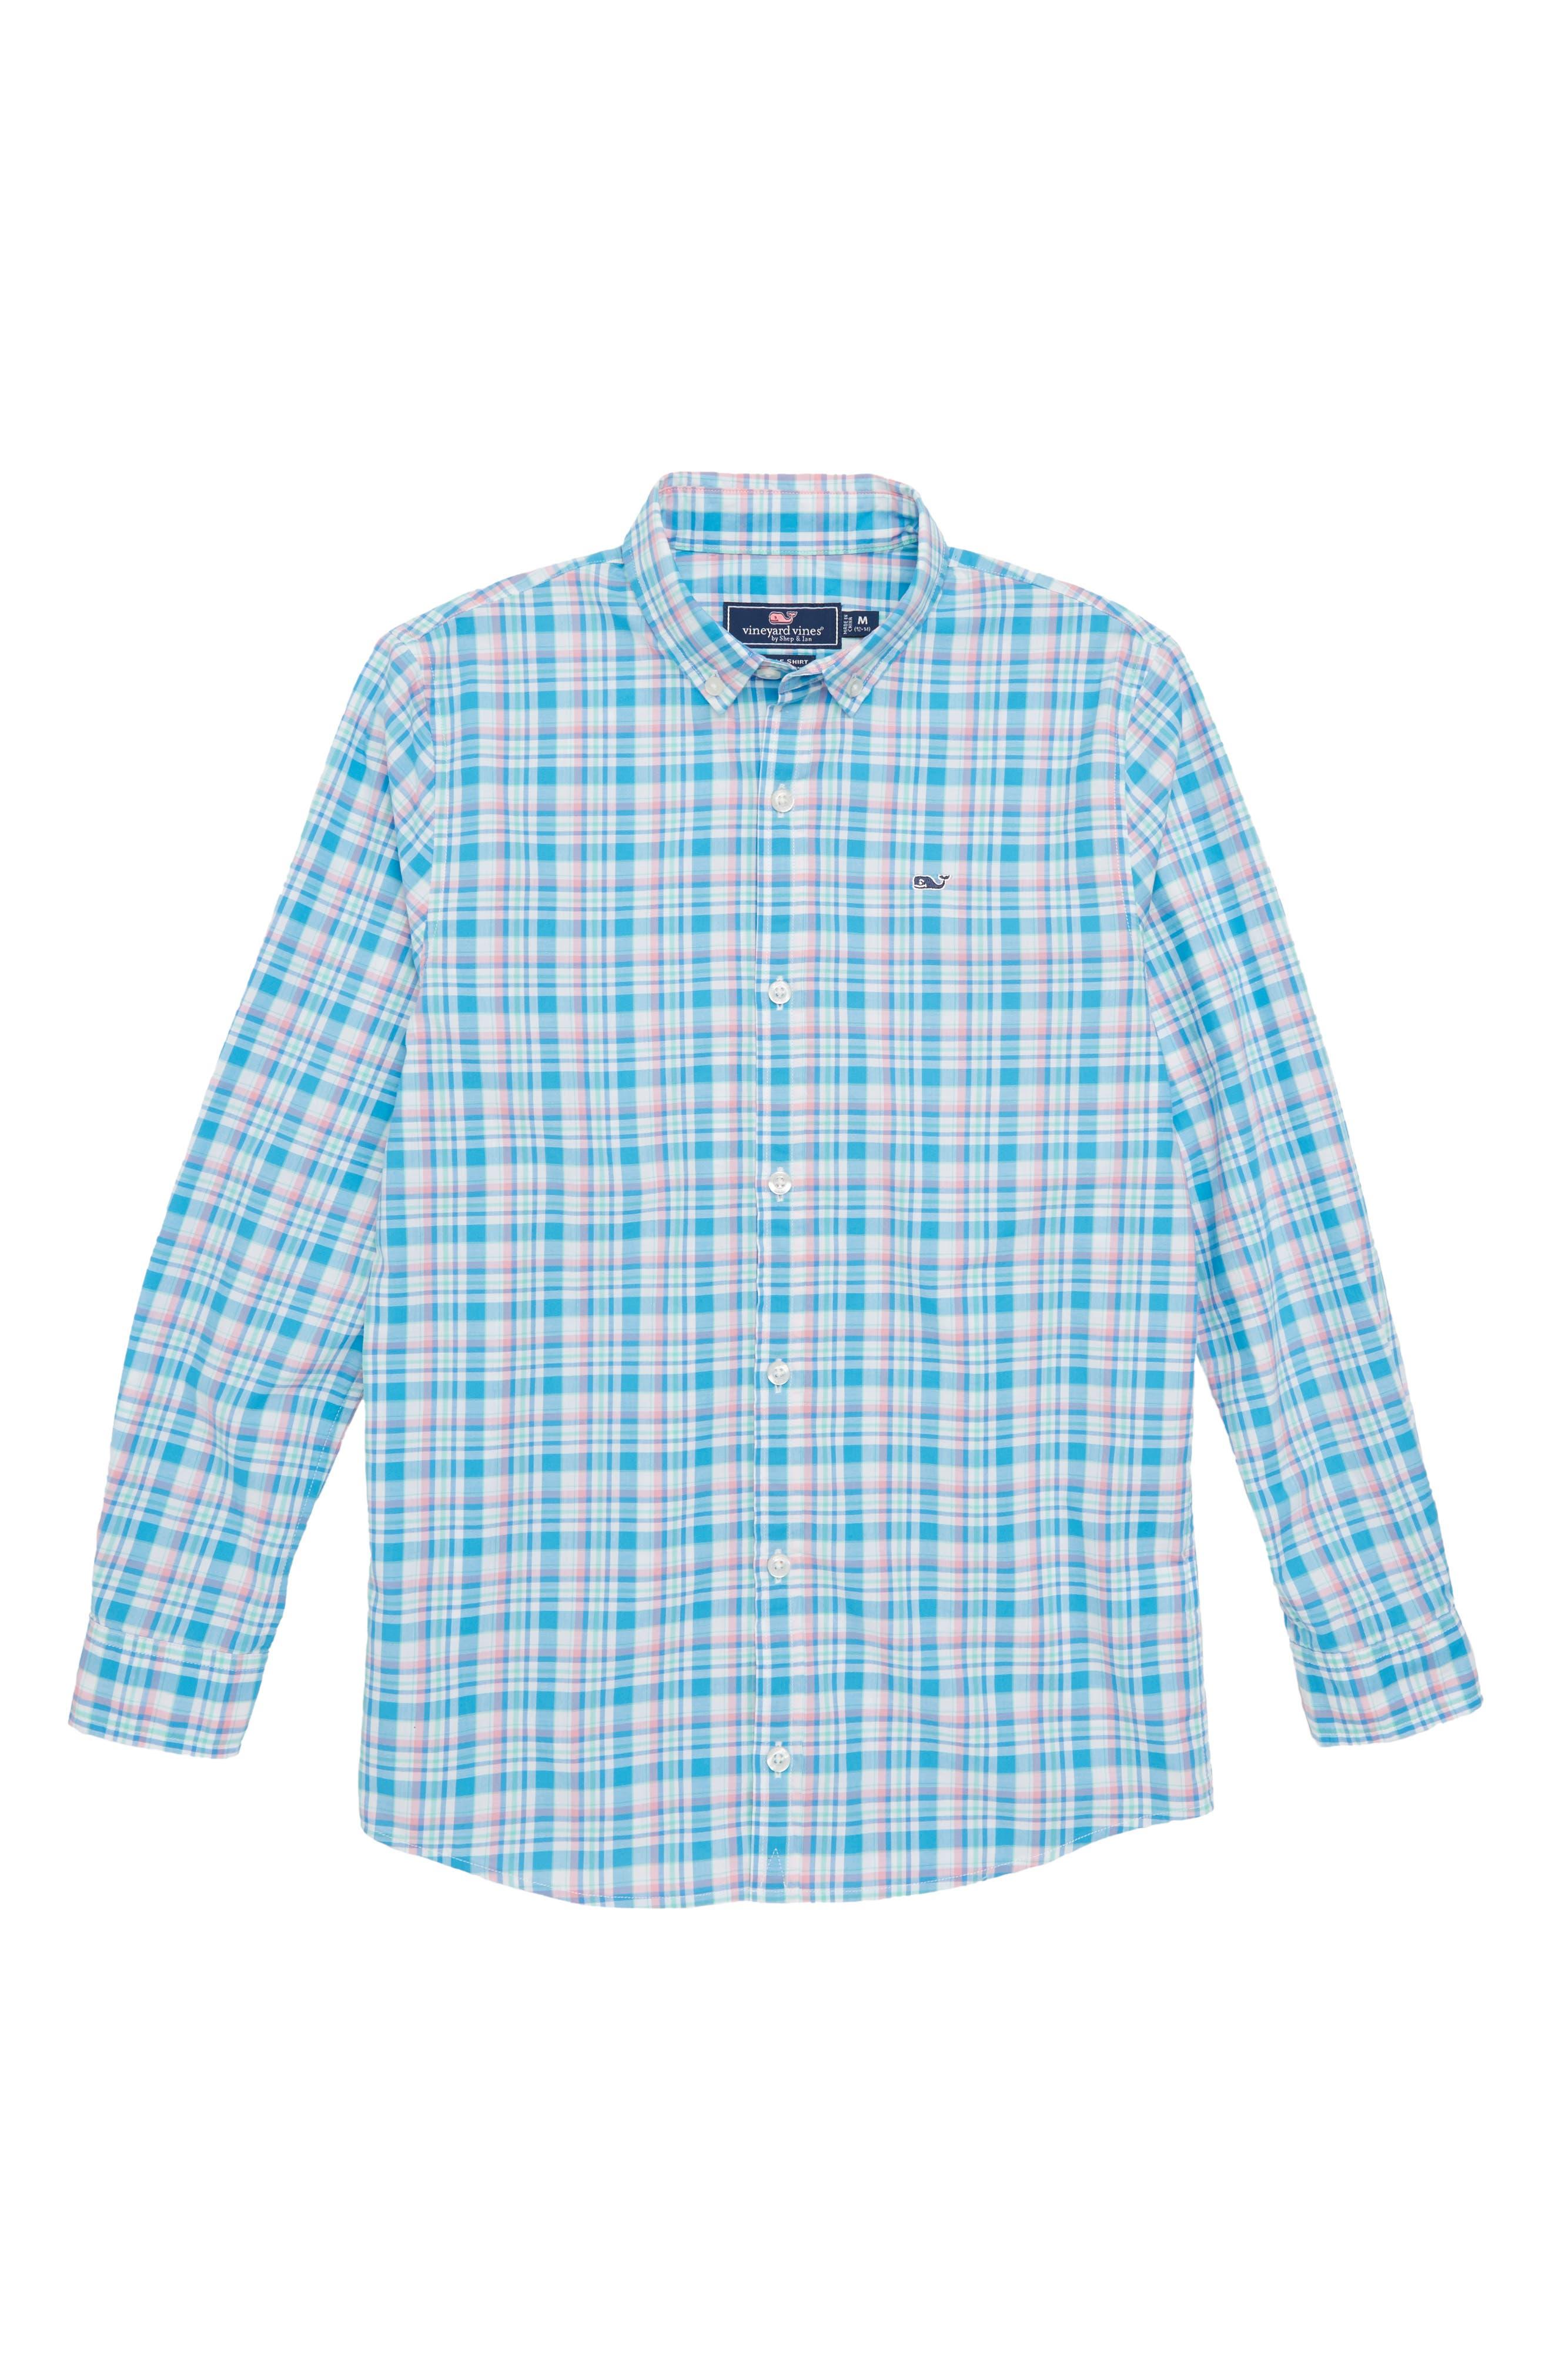 Pimnys Point Plaid Whale Shirt,                             Main thumbnail 1, color,                             Keel Blue